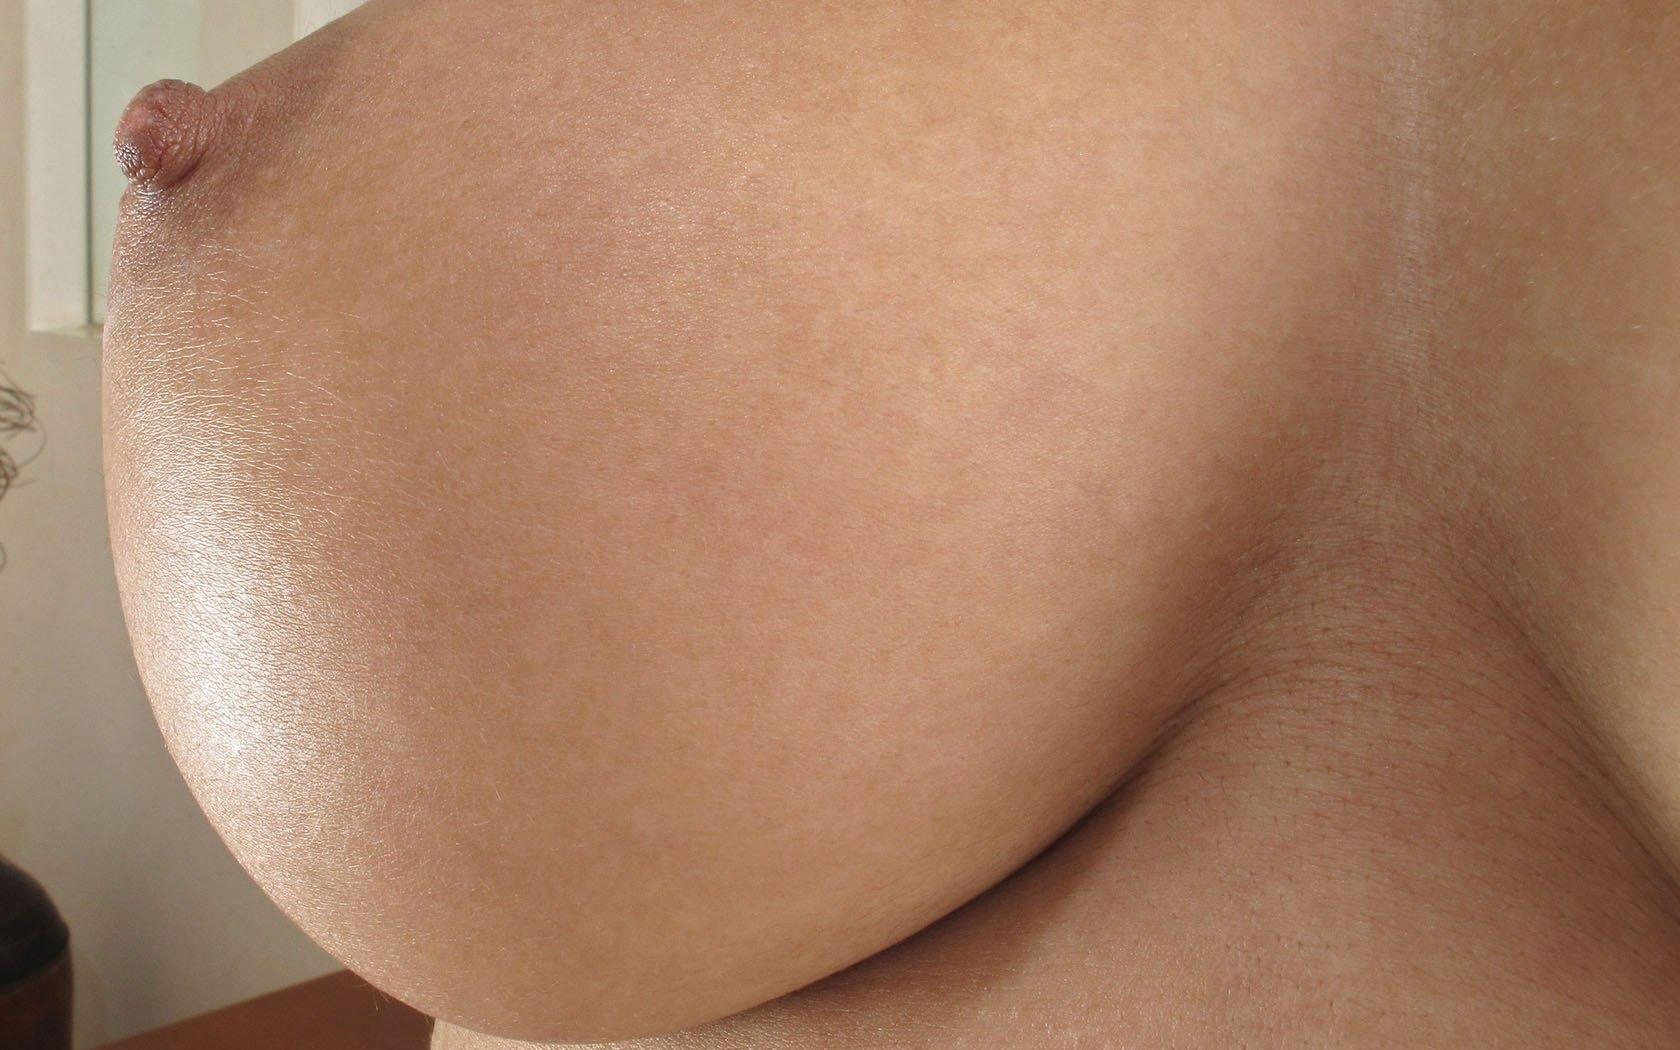 Фото сосков женской груди крупно 7 фотография